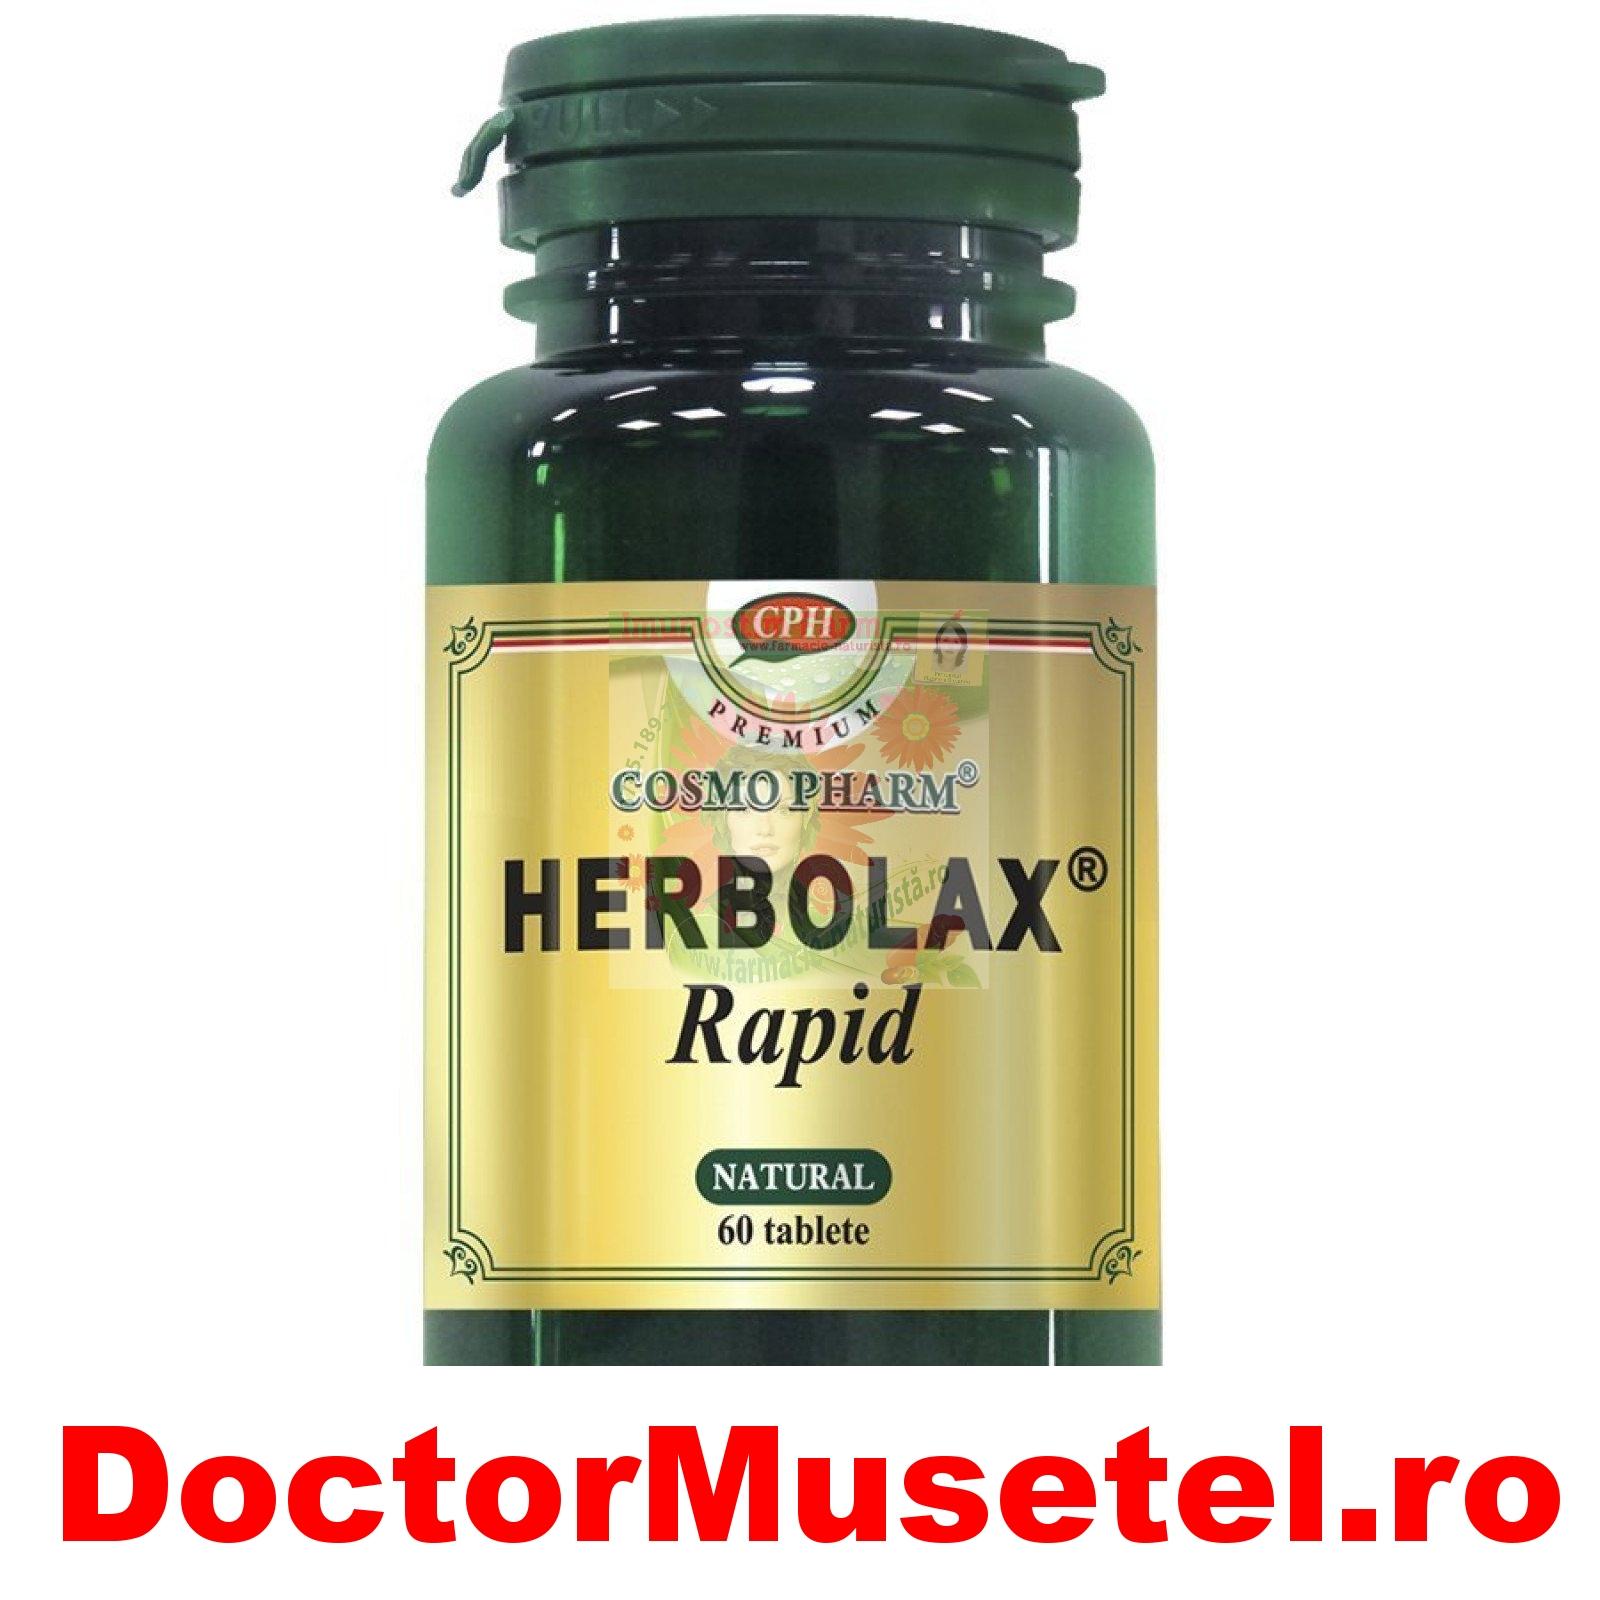 herbolax-rapid-premium-cosmo-pharm-60-capsule-1600x1600-34769.jpg